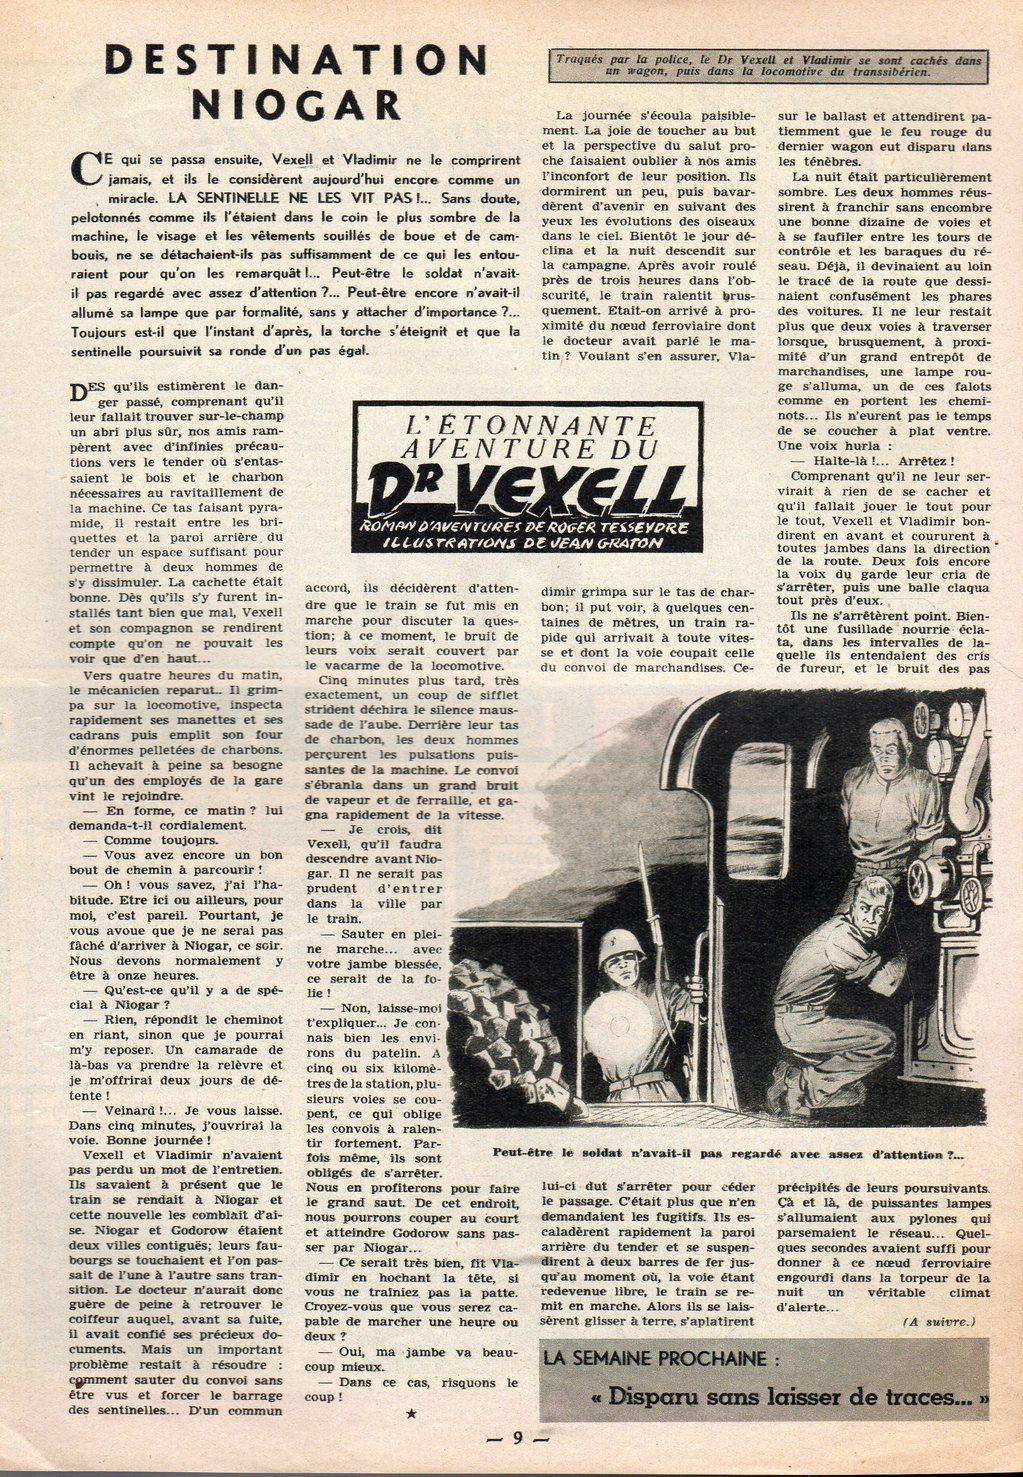 Jean Graton - Tintin 1954 - Dr Vexell (45)